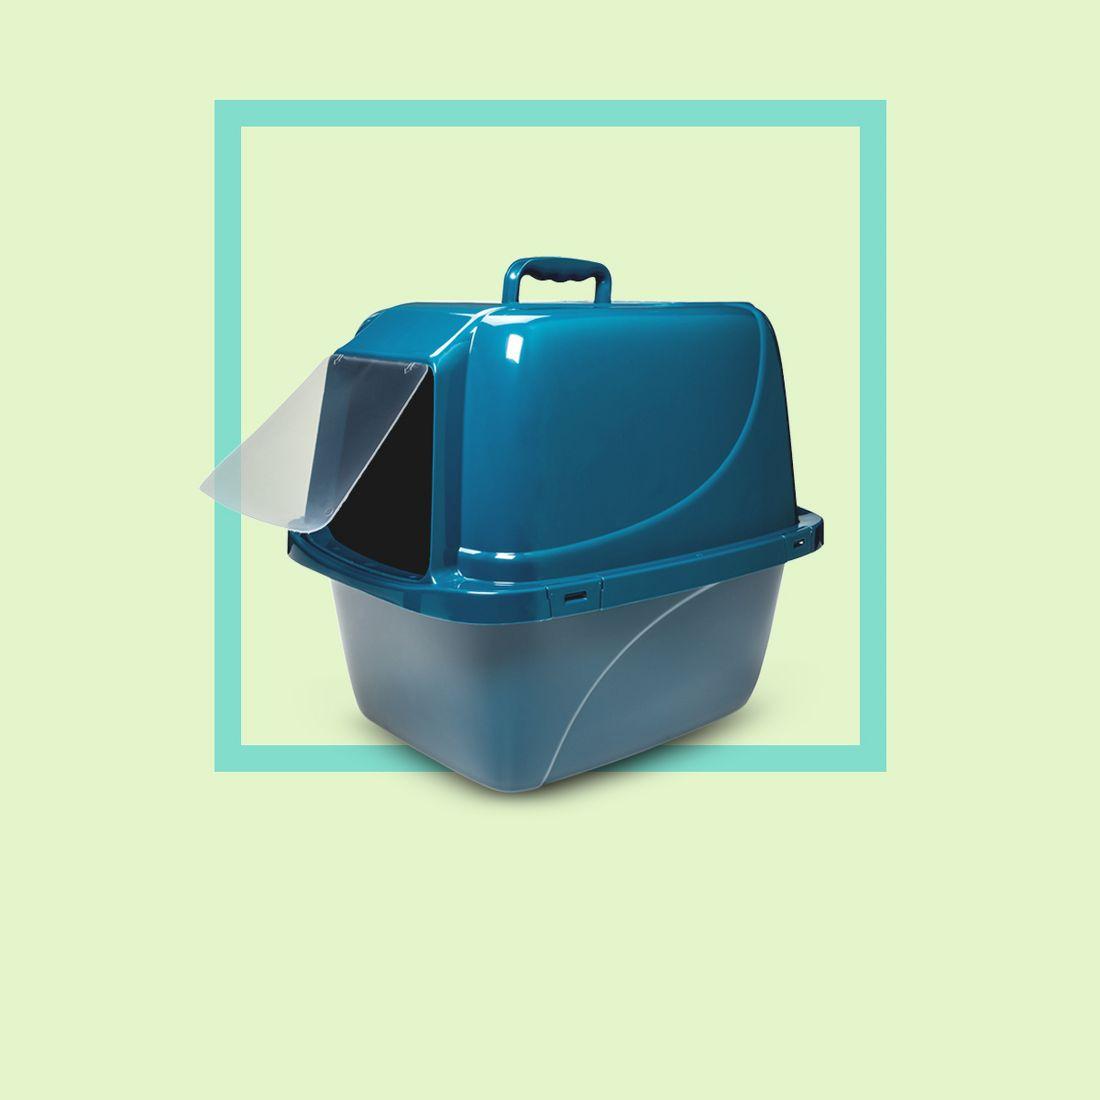 Open Top Litter Box